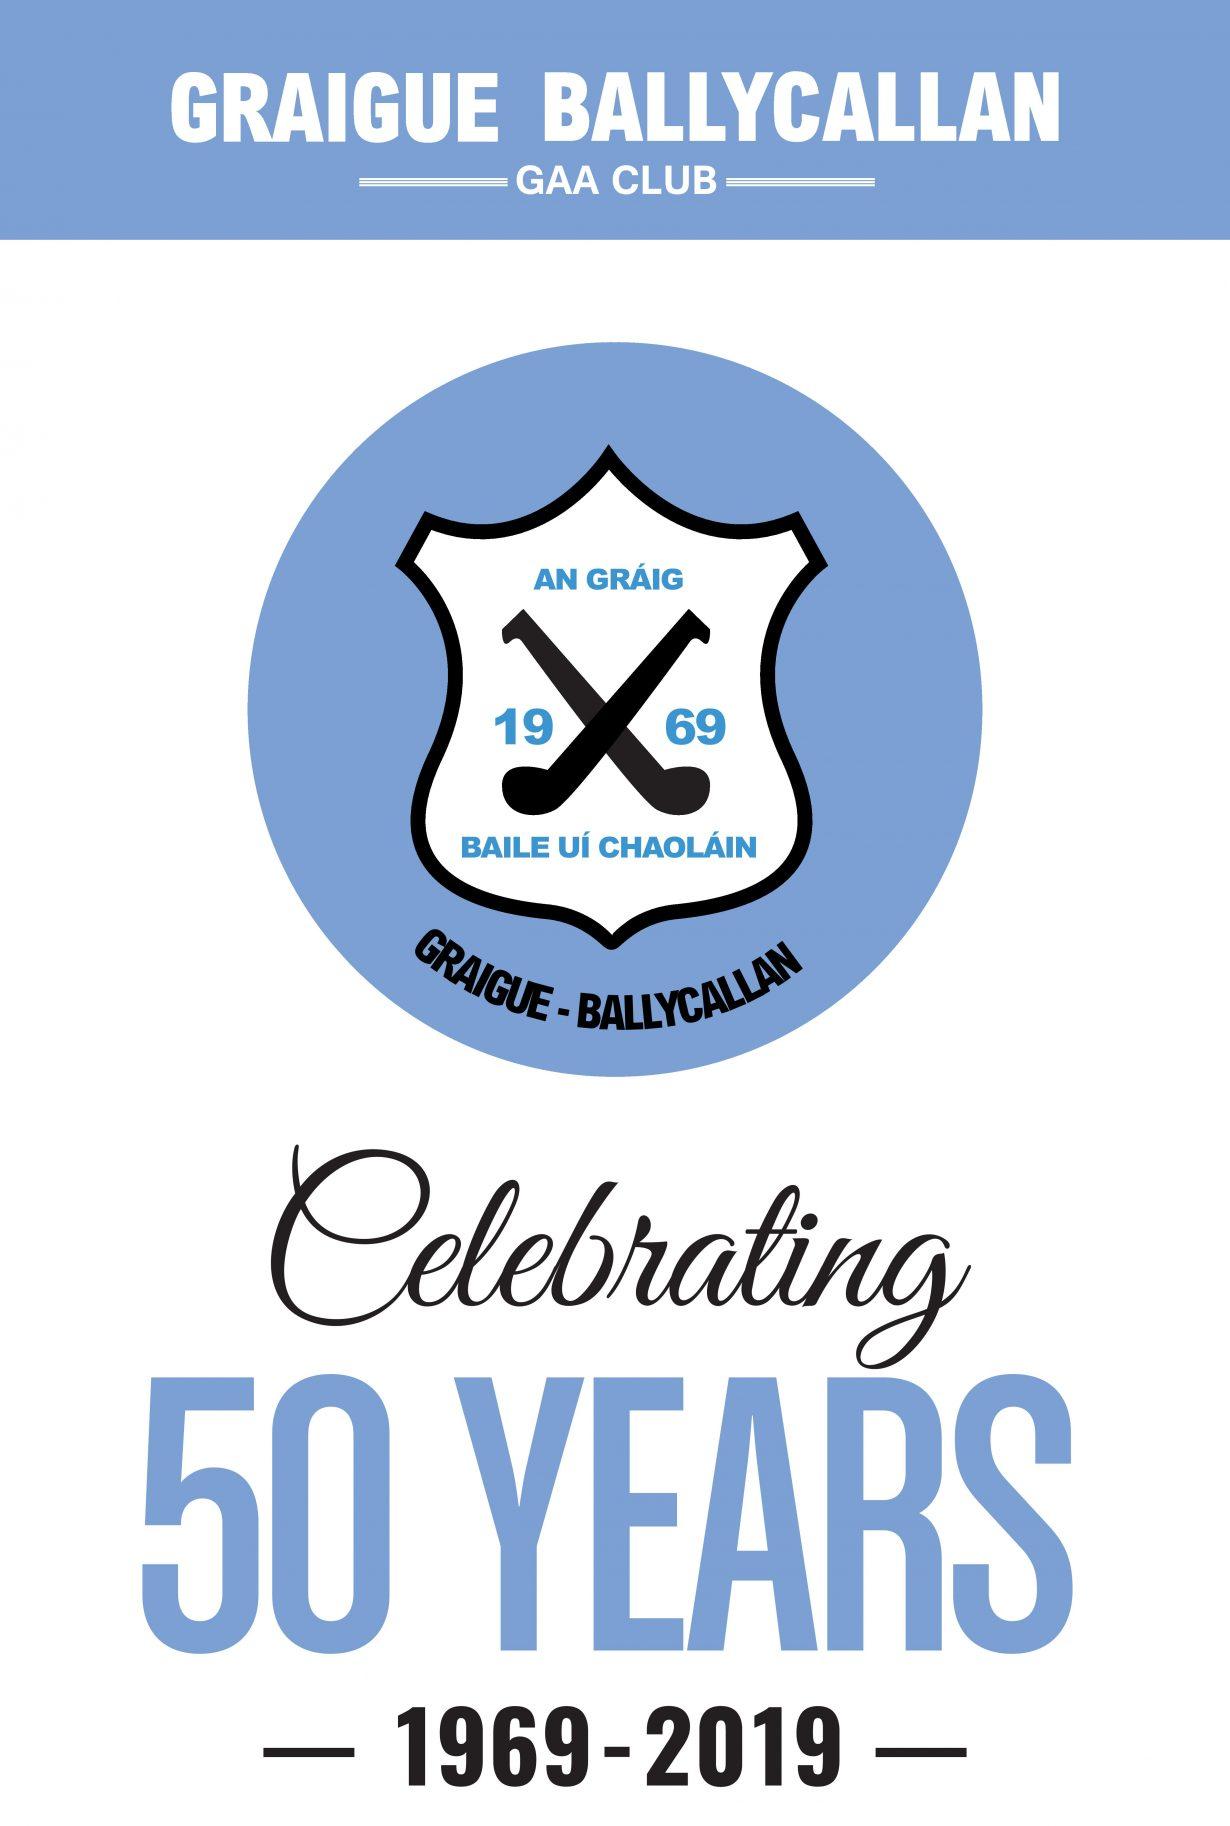 Graigue Ballycallan GAA Club